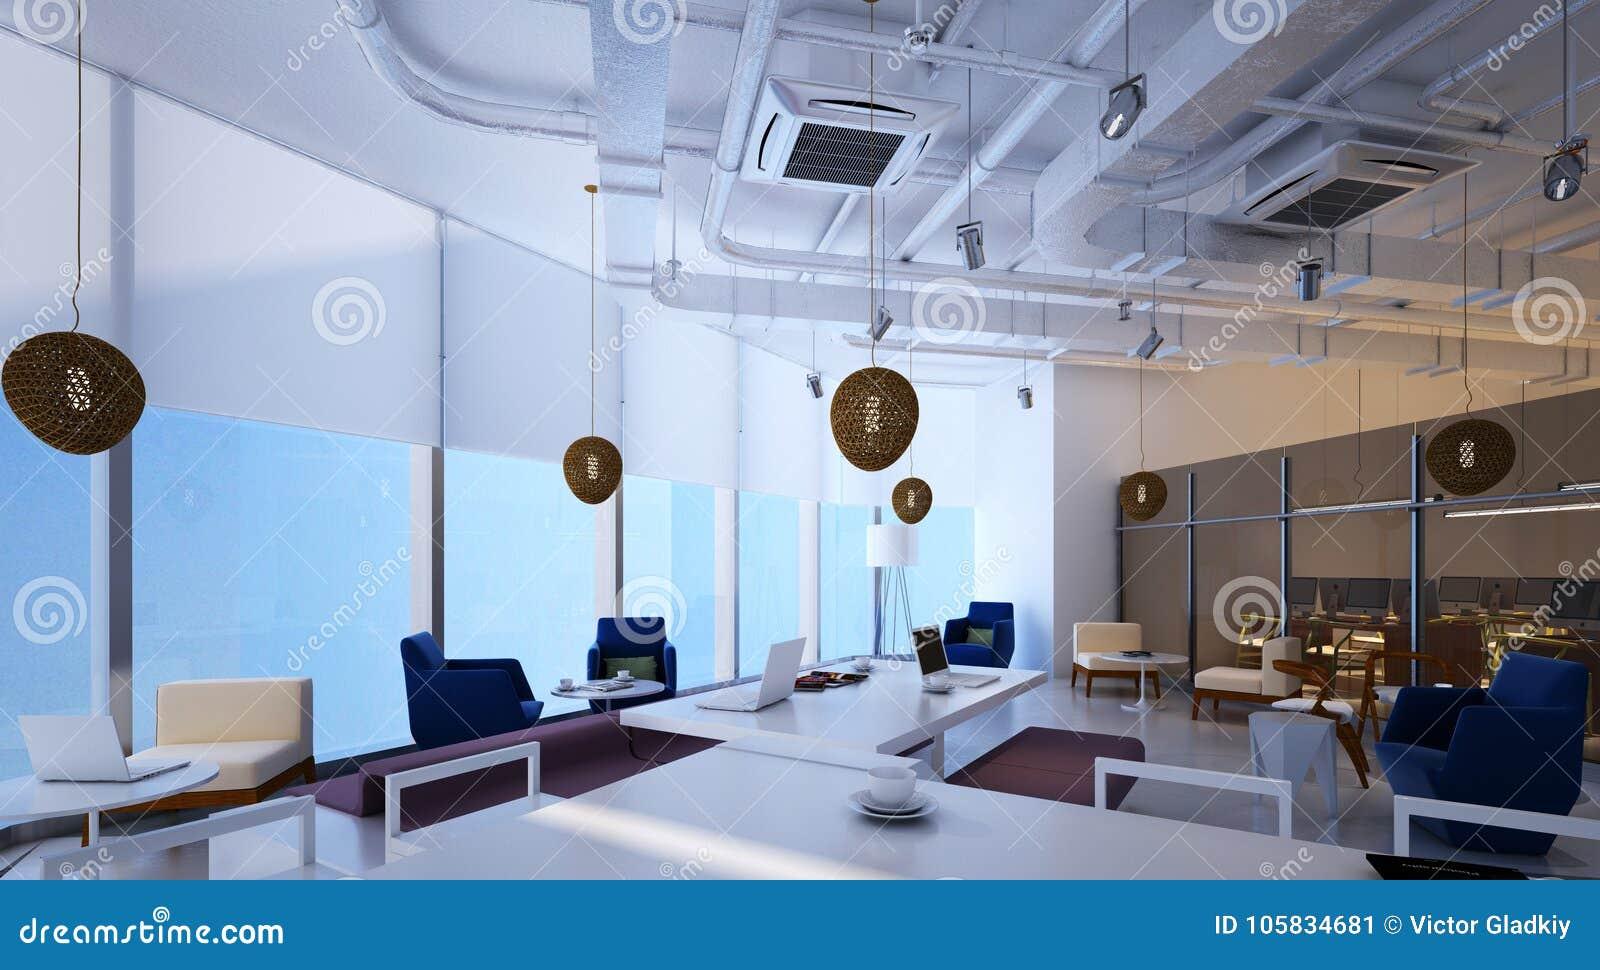 Illustration 3D Die Innenarchitektur Des Modernen Büros Stock ...